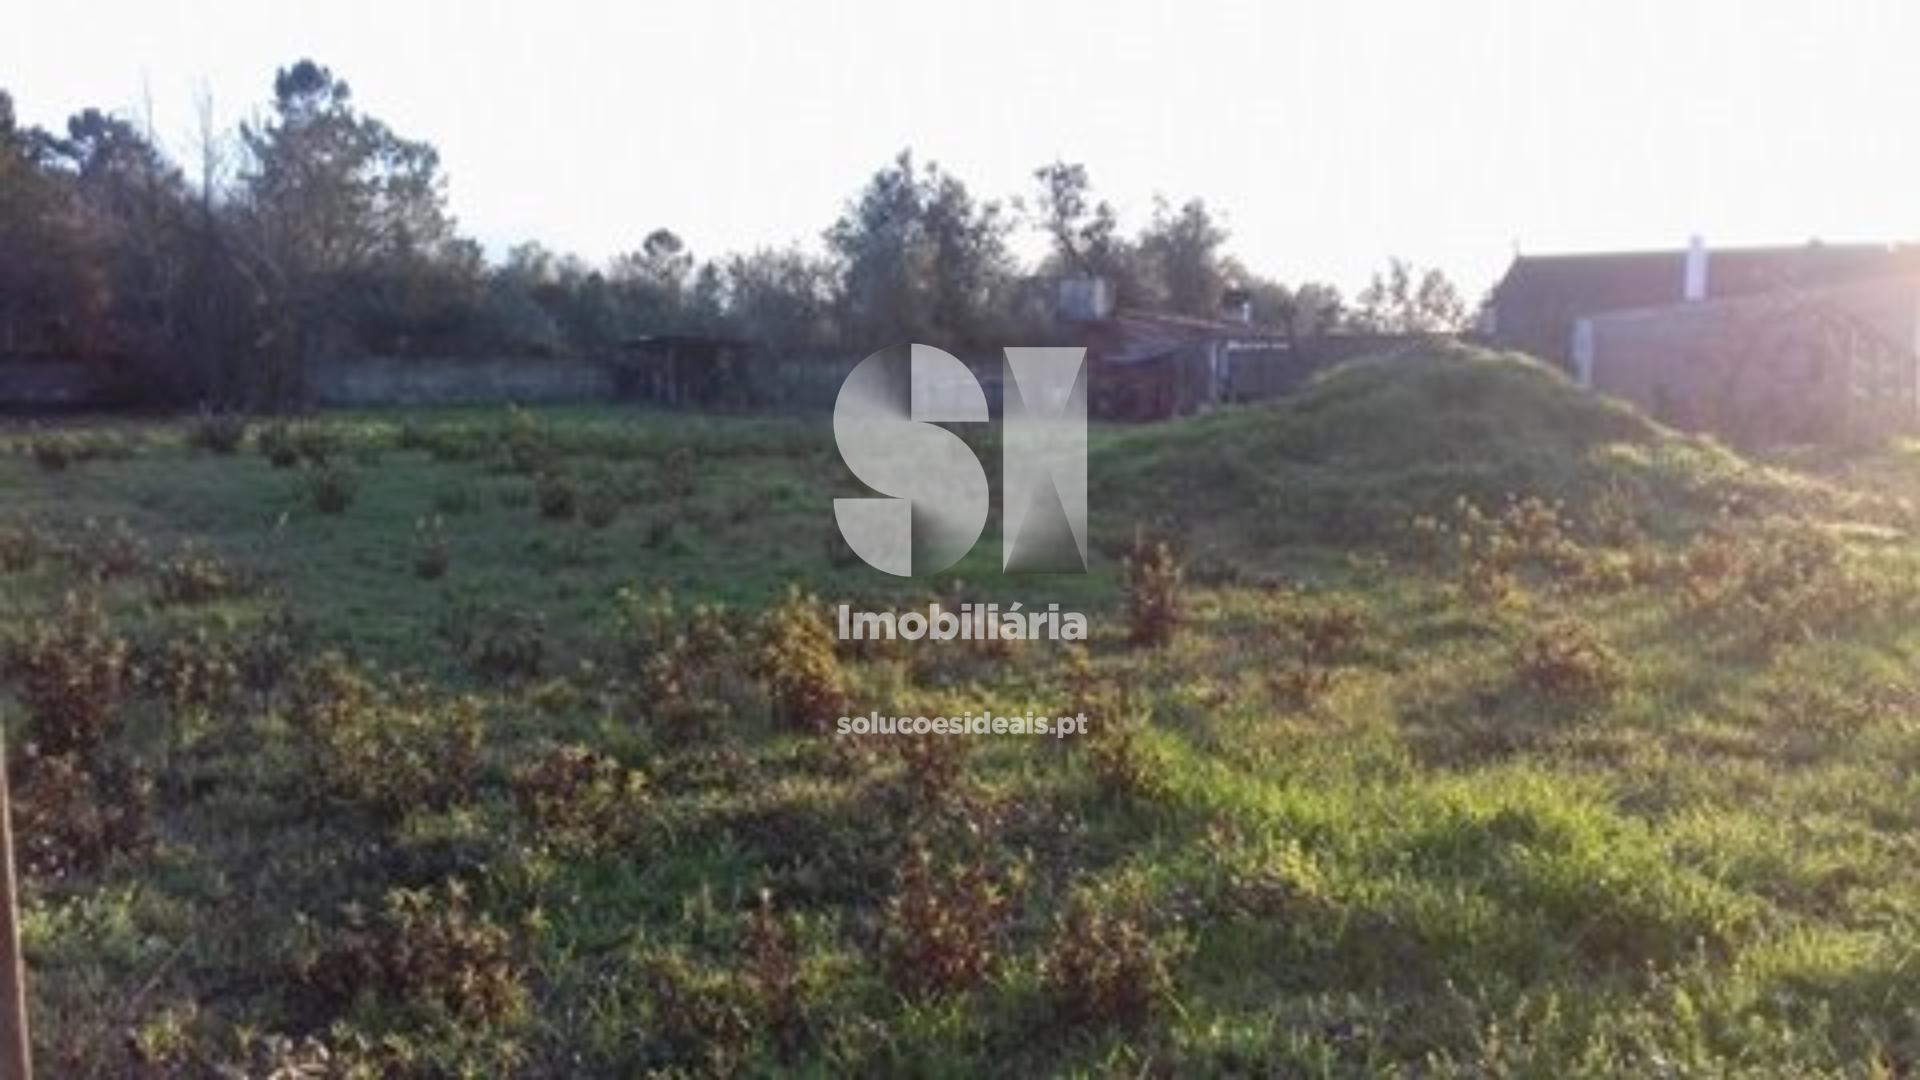 terreno para compra em lousa uniao das freguesias de lousa e vilarinho LSATR304